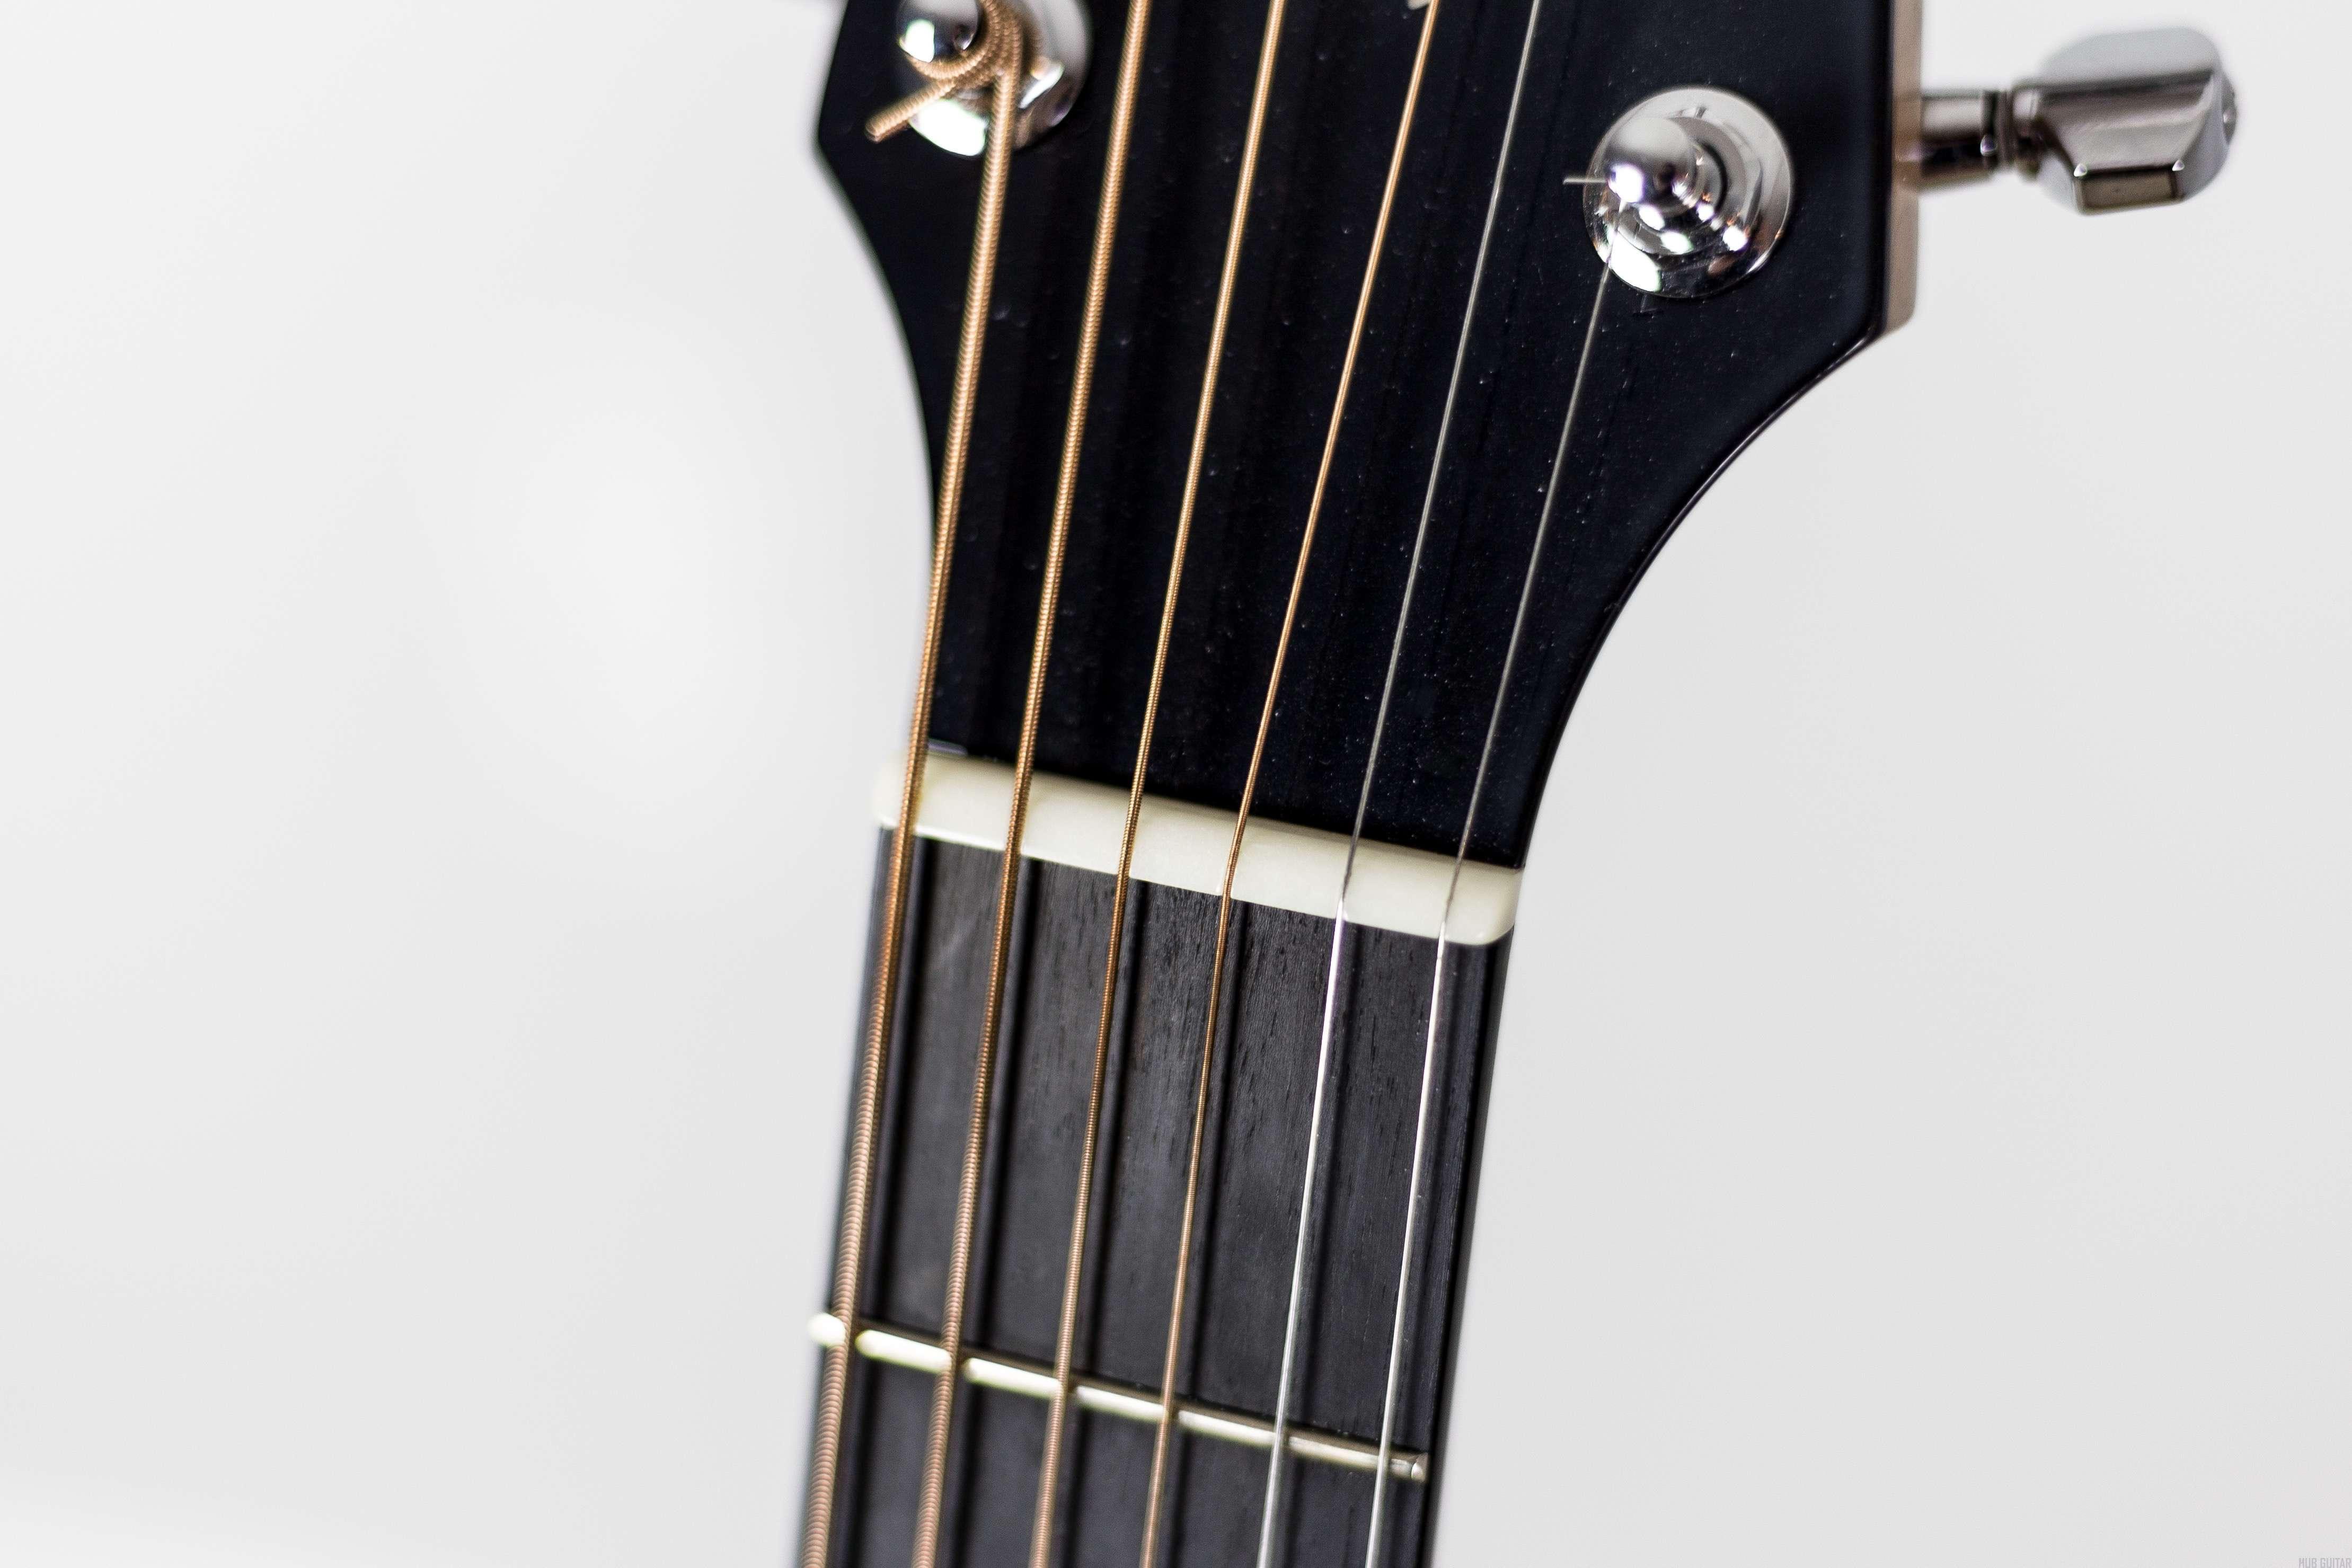 Basic Guitar Anatomy Hub Guitar